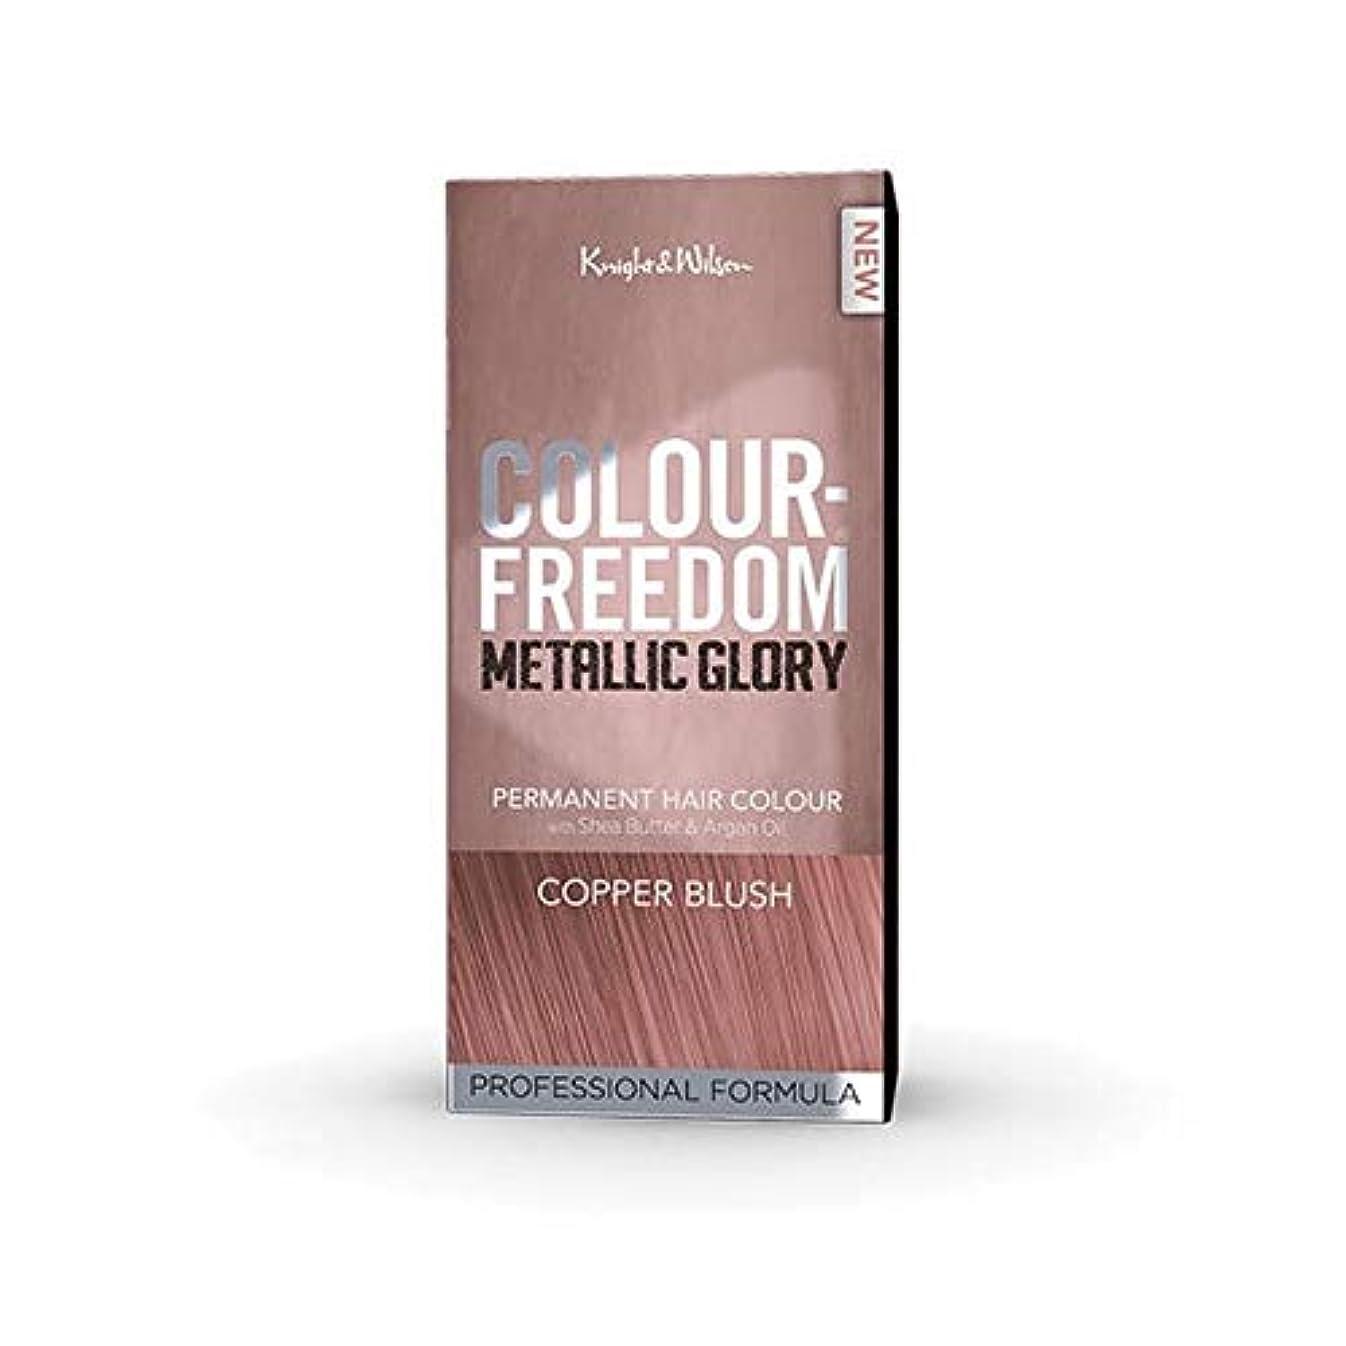 自伝浮く教養がある[Colour Freedom ] 色自由金属栄光銅赤面 - Colour Freedom Metallic Glory Copper Blush [並行輸入品]